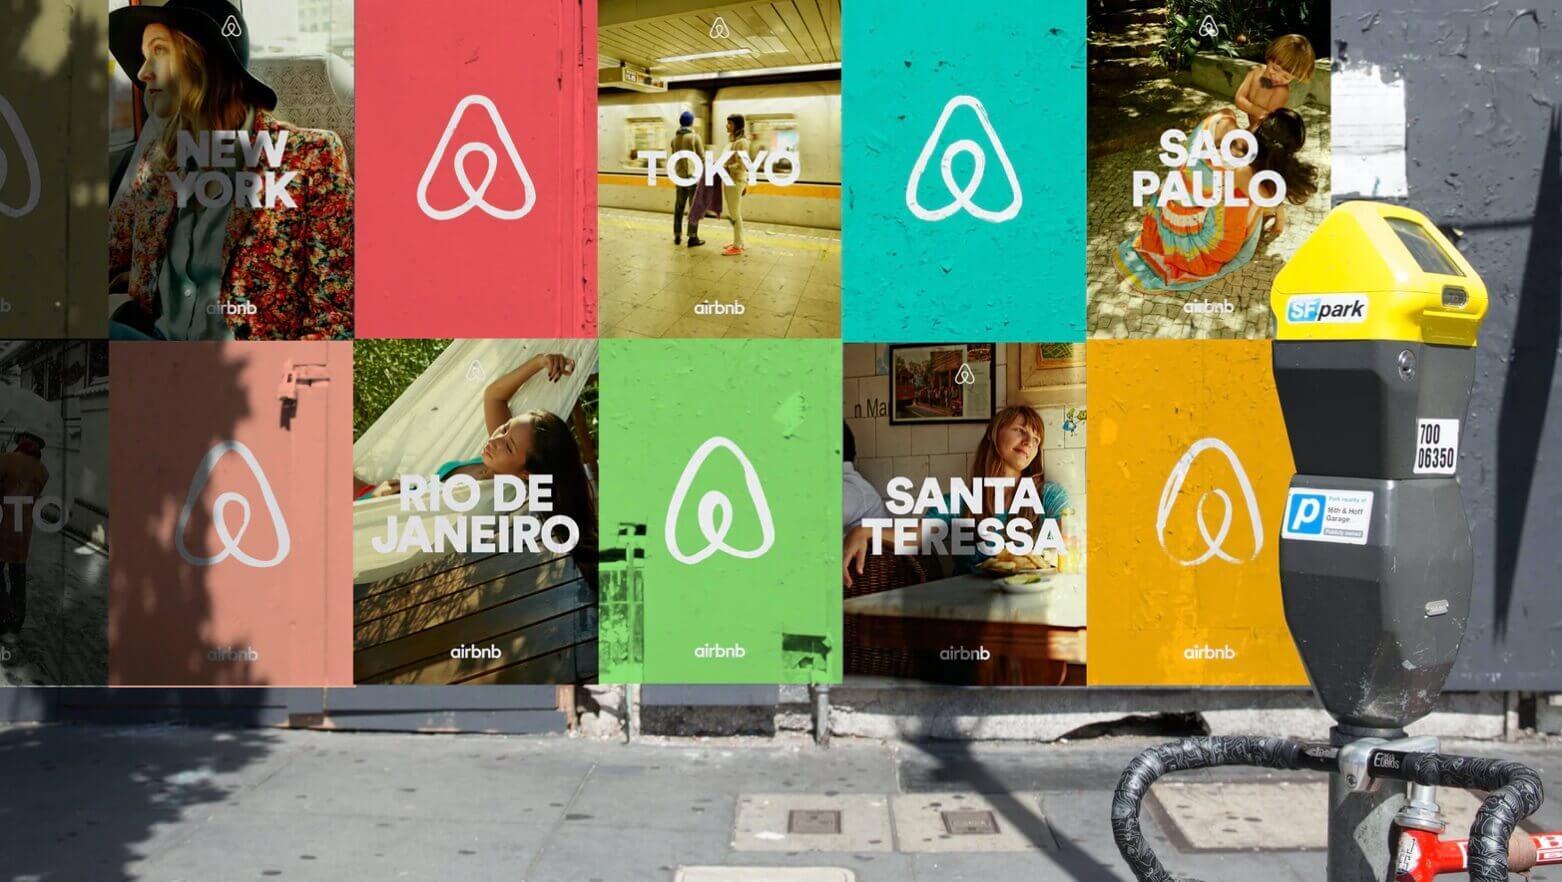 Ejemplo de identidad de marca: Airbnb